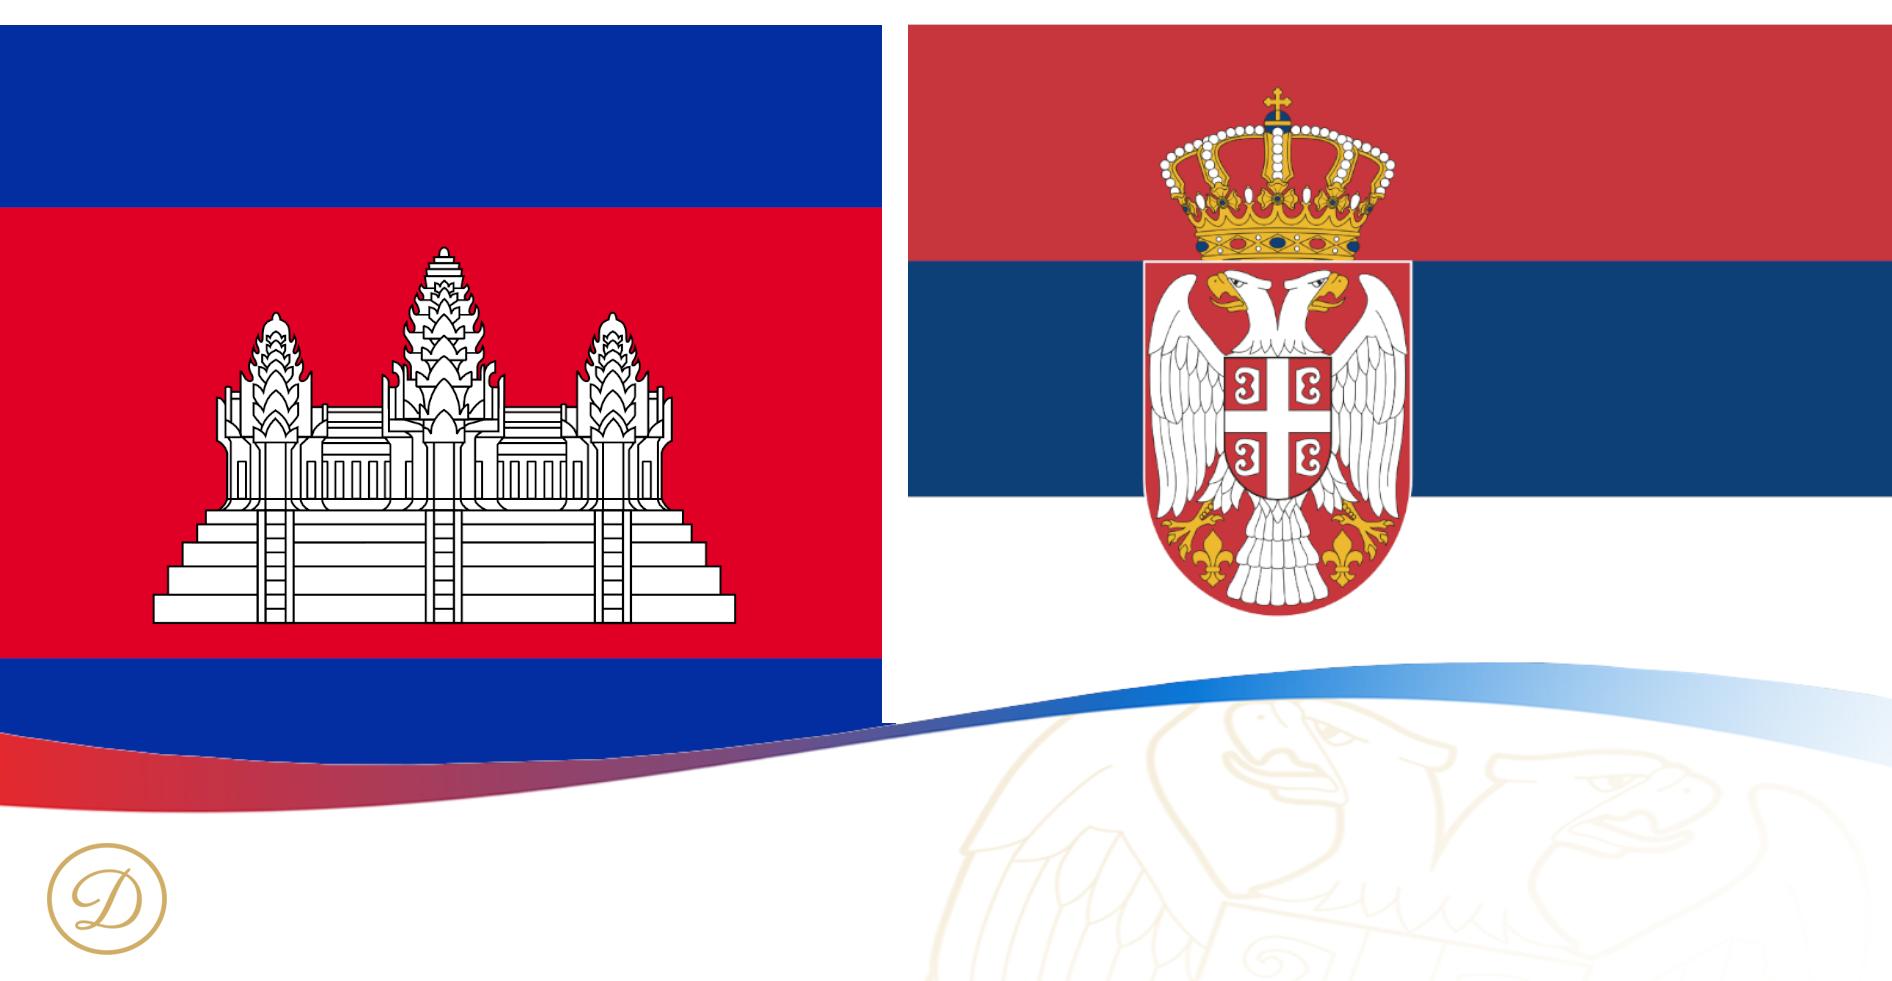 kambdoza, ambasada kambodze u srbiji, dipos nekretnine, nekretnine beograd